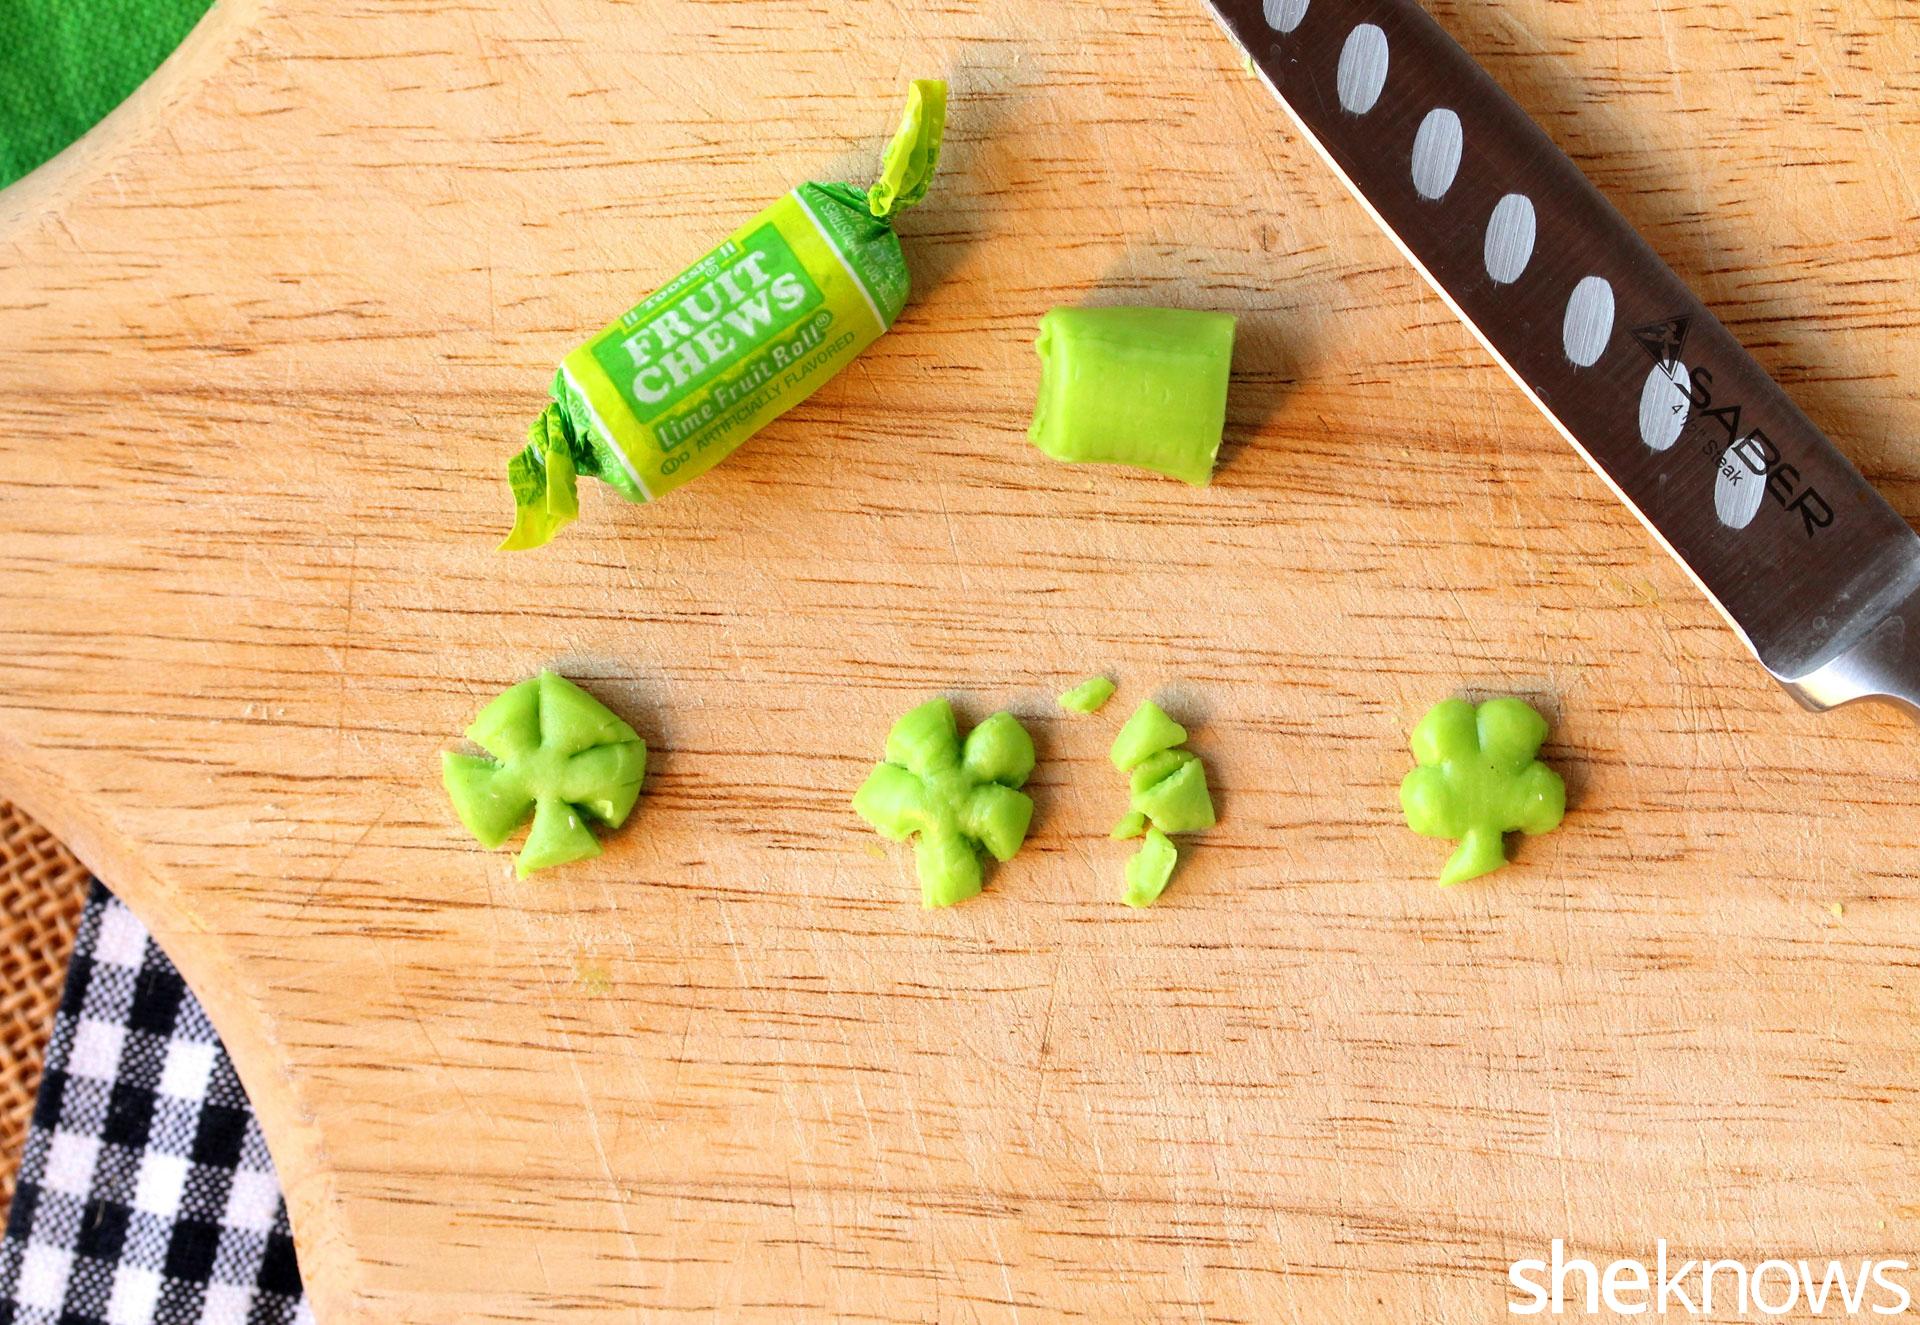 green candy clover